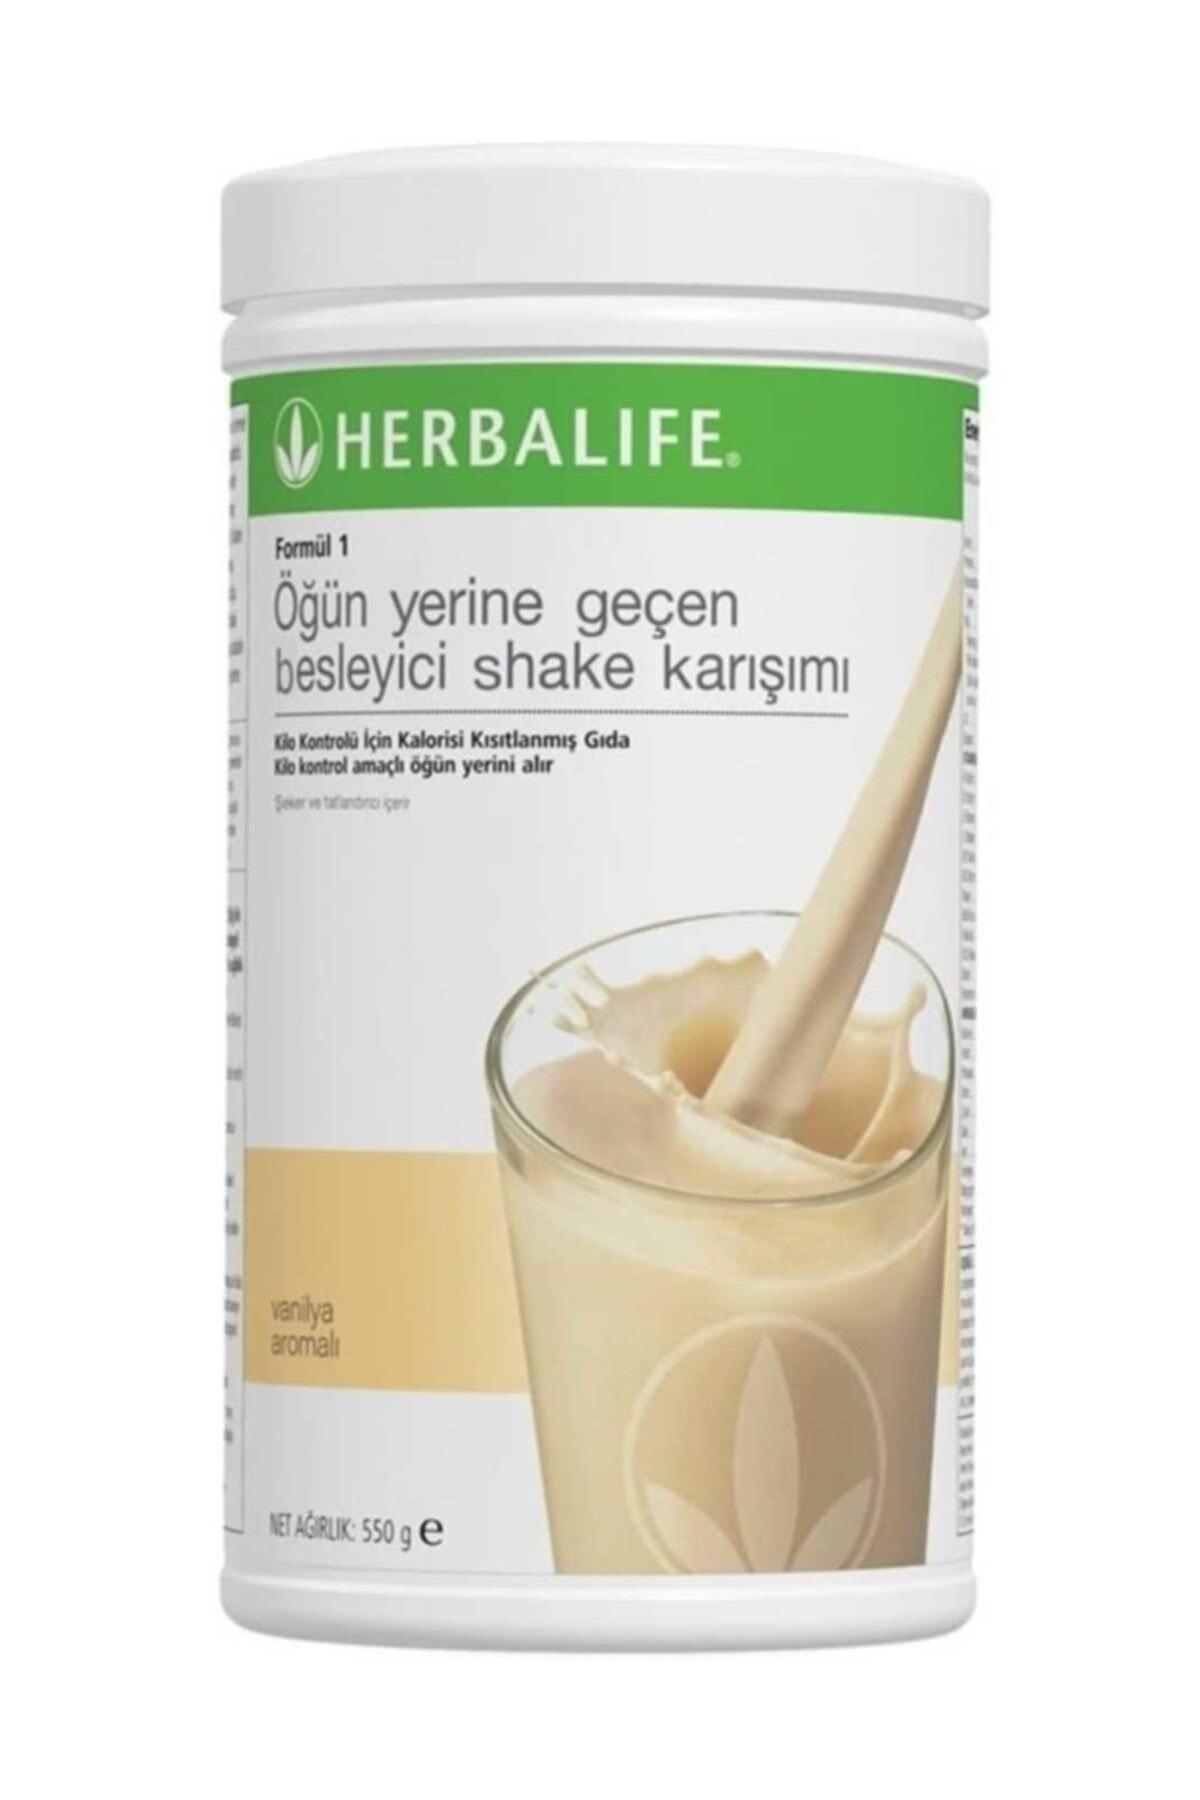 Herbalife Formül 1 Öğün Yerine Geçen Besleyici Shake Karışımı Vanilya 550 gr. 1